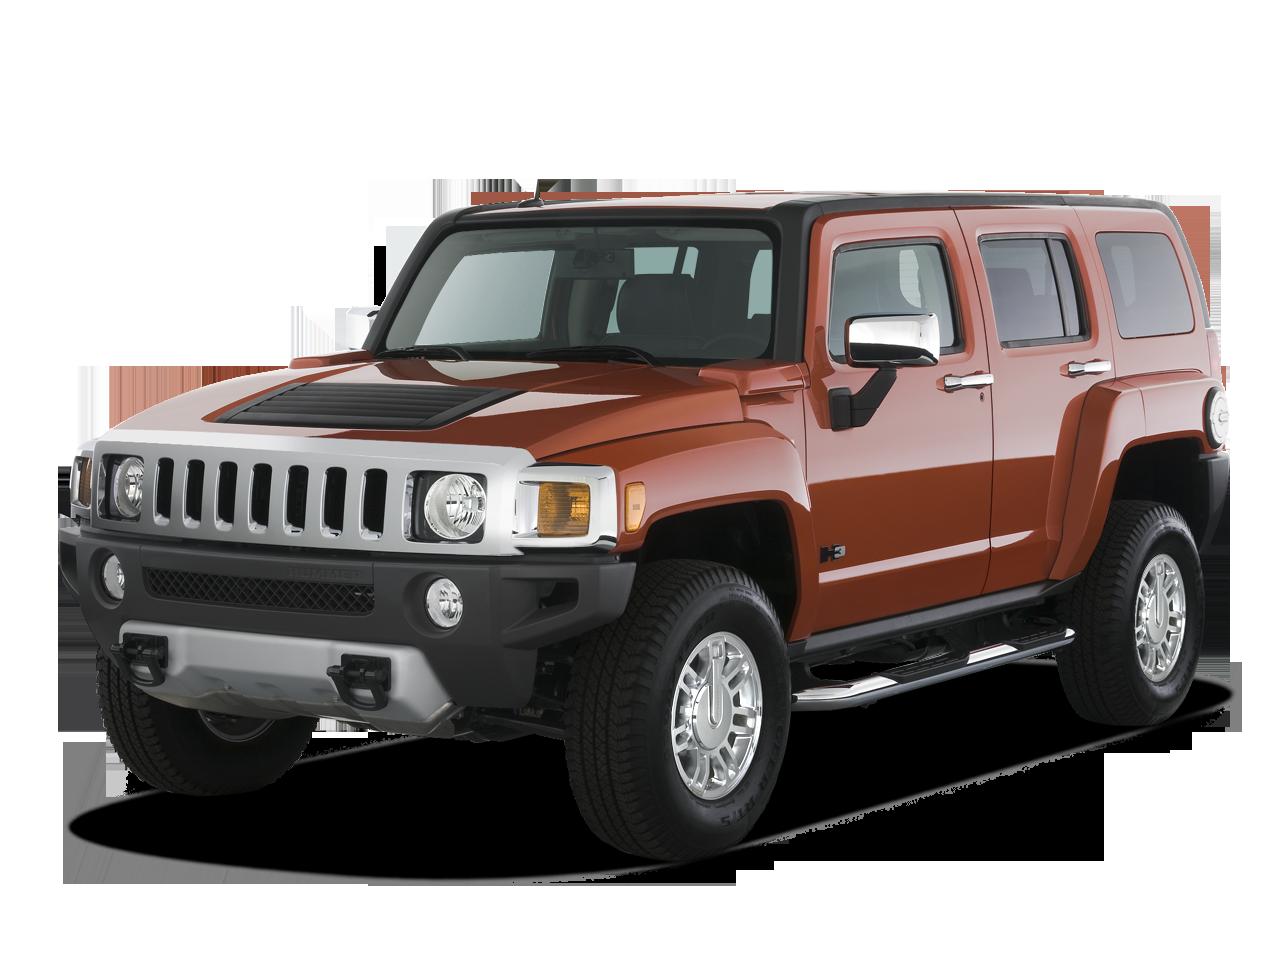 Hummer Alquiler venta renting coches de lujo en Marbella